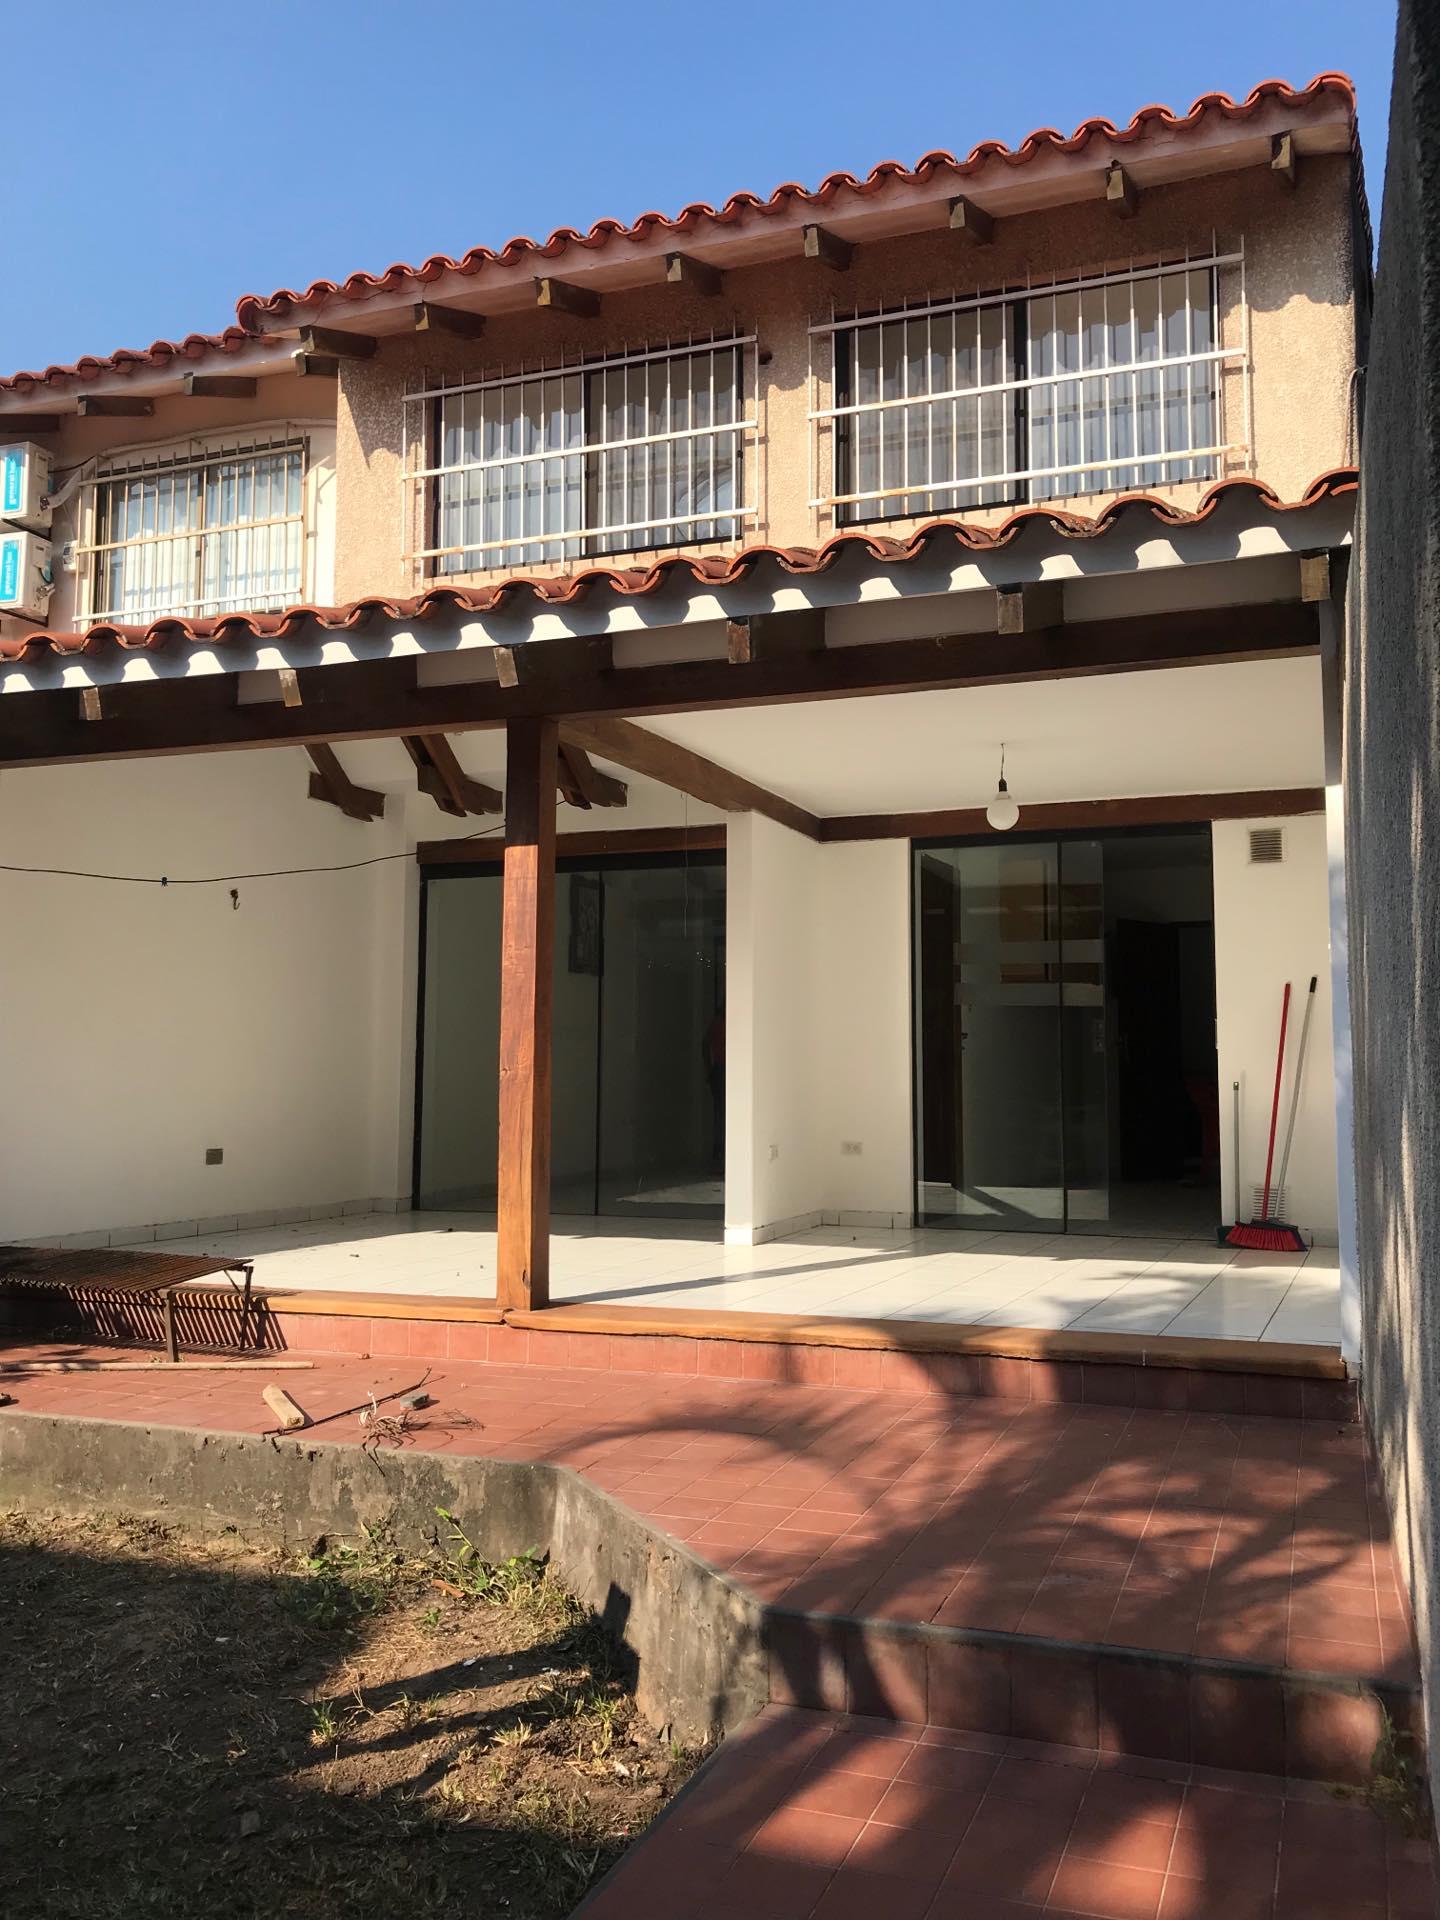 Casa en Alquiler Av. Melchor Pinto entre 1ro y 2do anillo  Foto 10